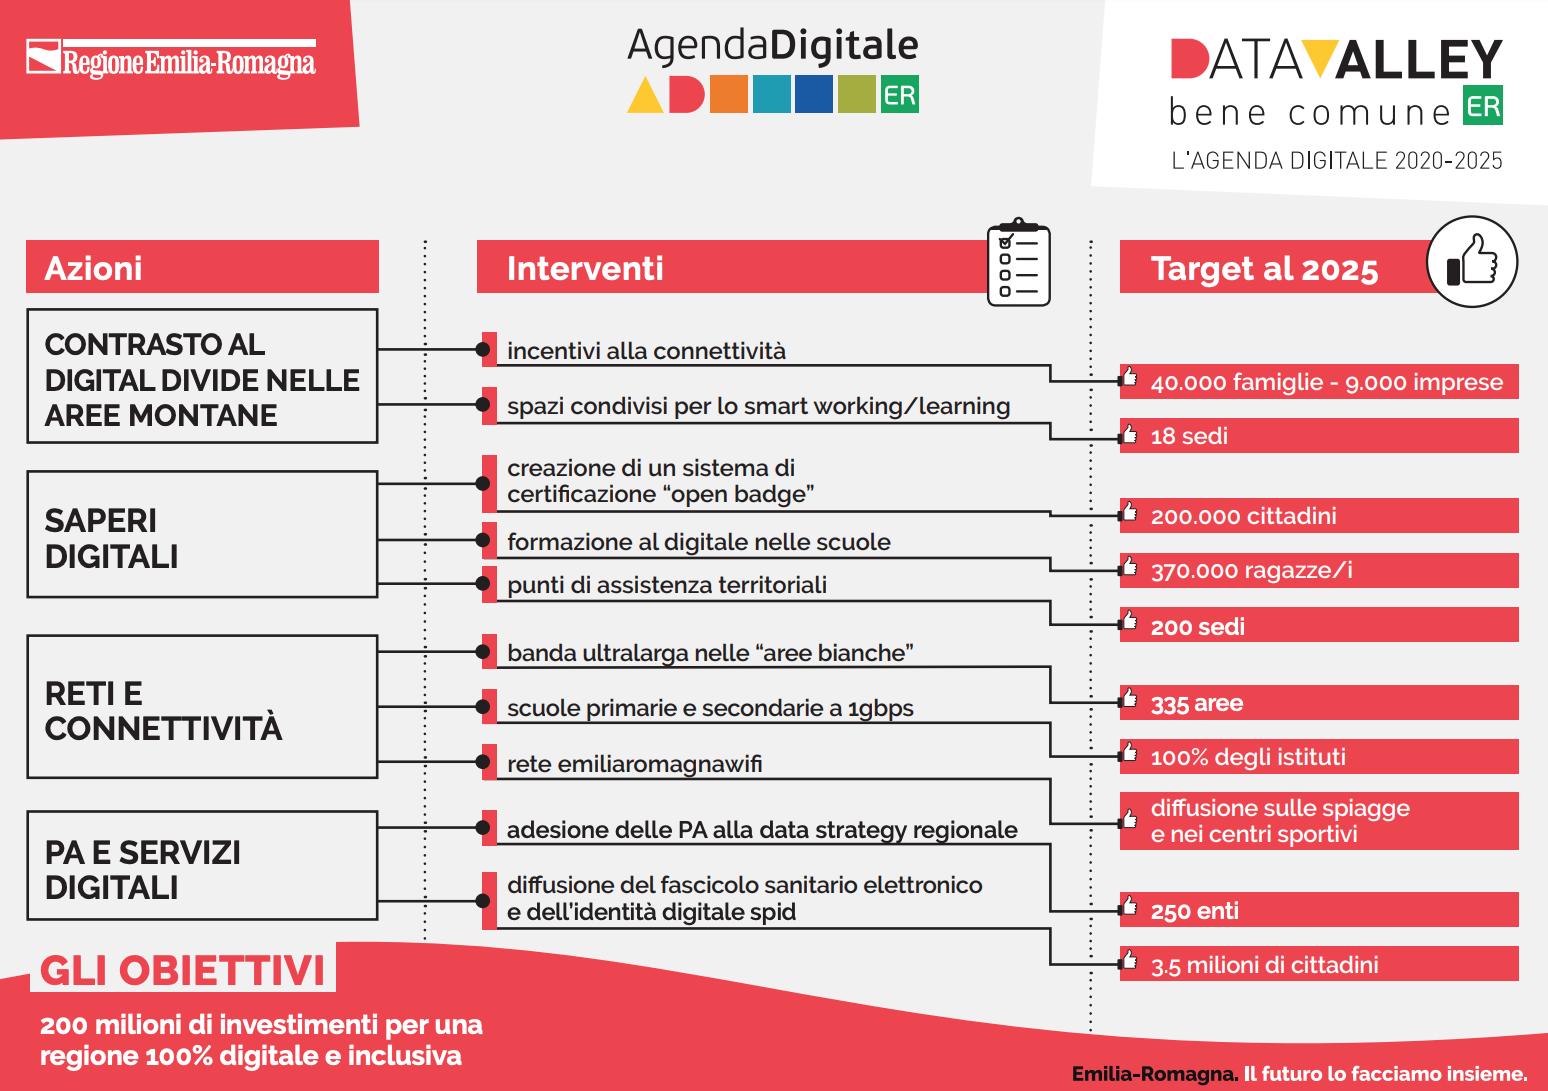 Infografica sui principali obiettivi dell'Agenda Digitale 2020-2025